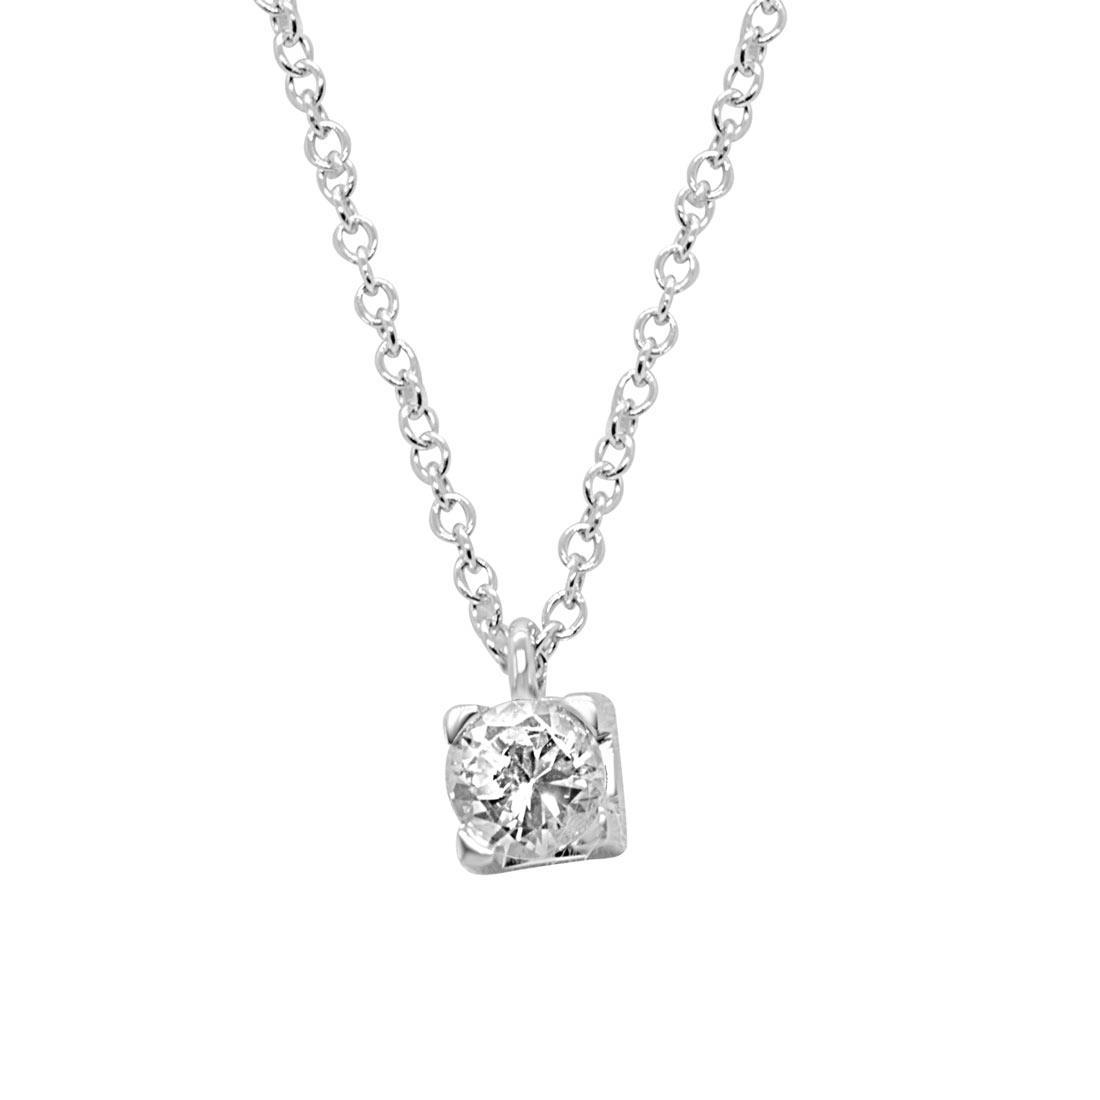 Collier punto luce in oro bianco con diamante 0,54 ct - ALFIERI ST JOHN